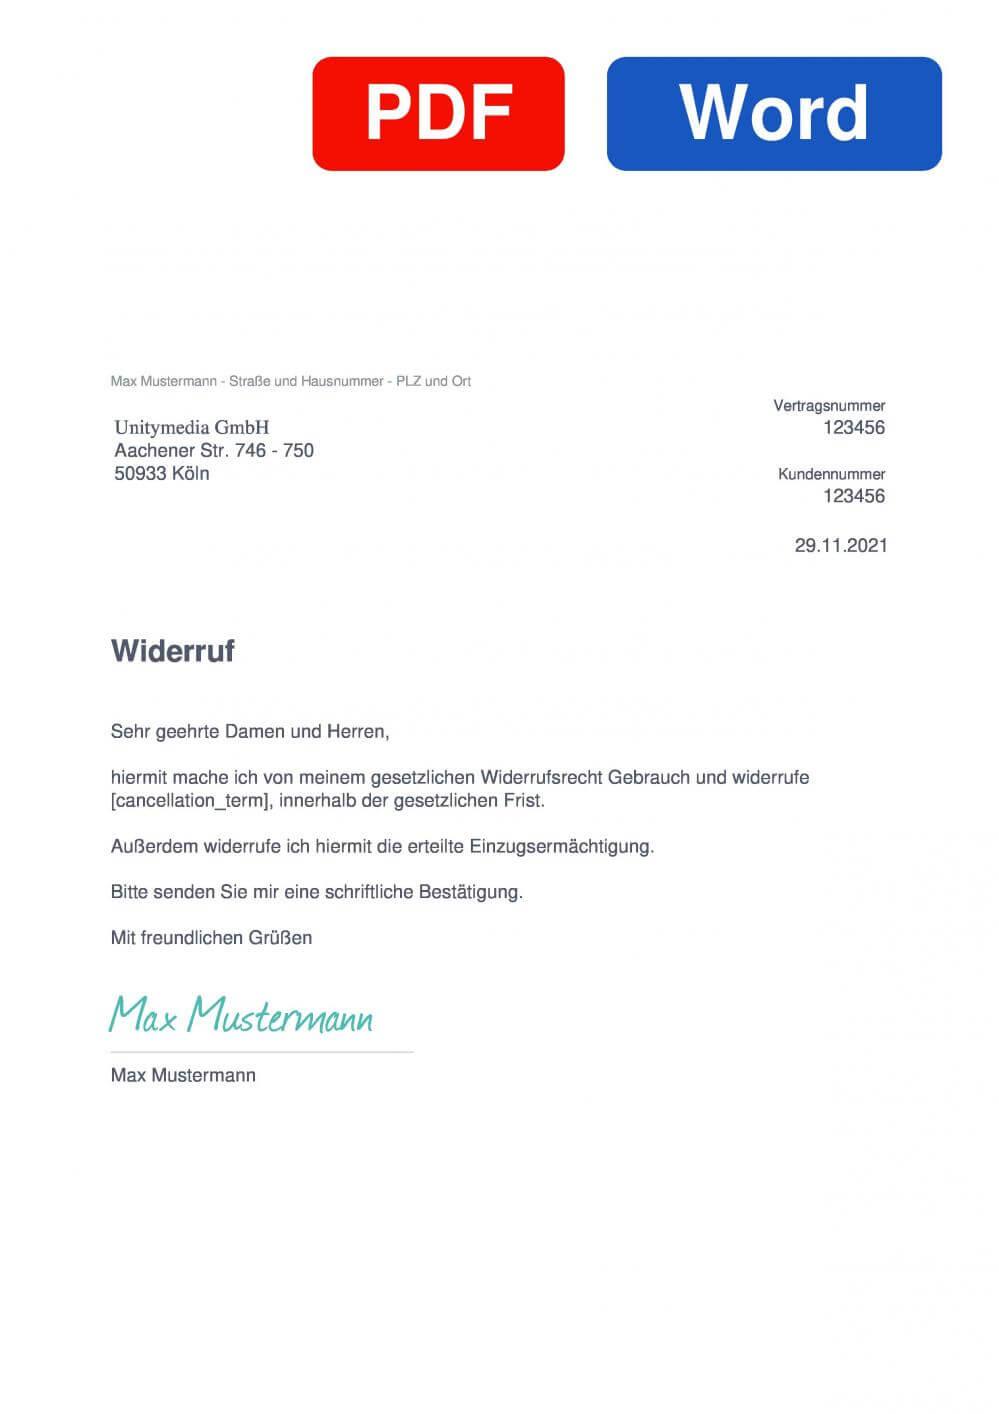 Unitymedia Business Muster Vorlage für Wiederrufsschreiben